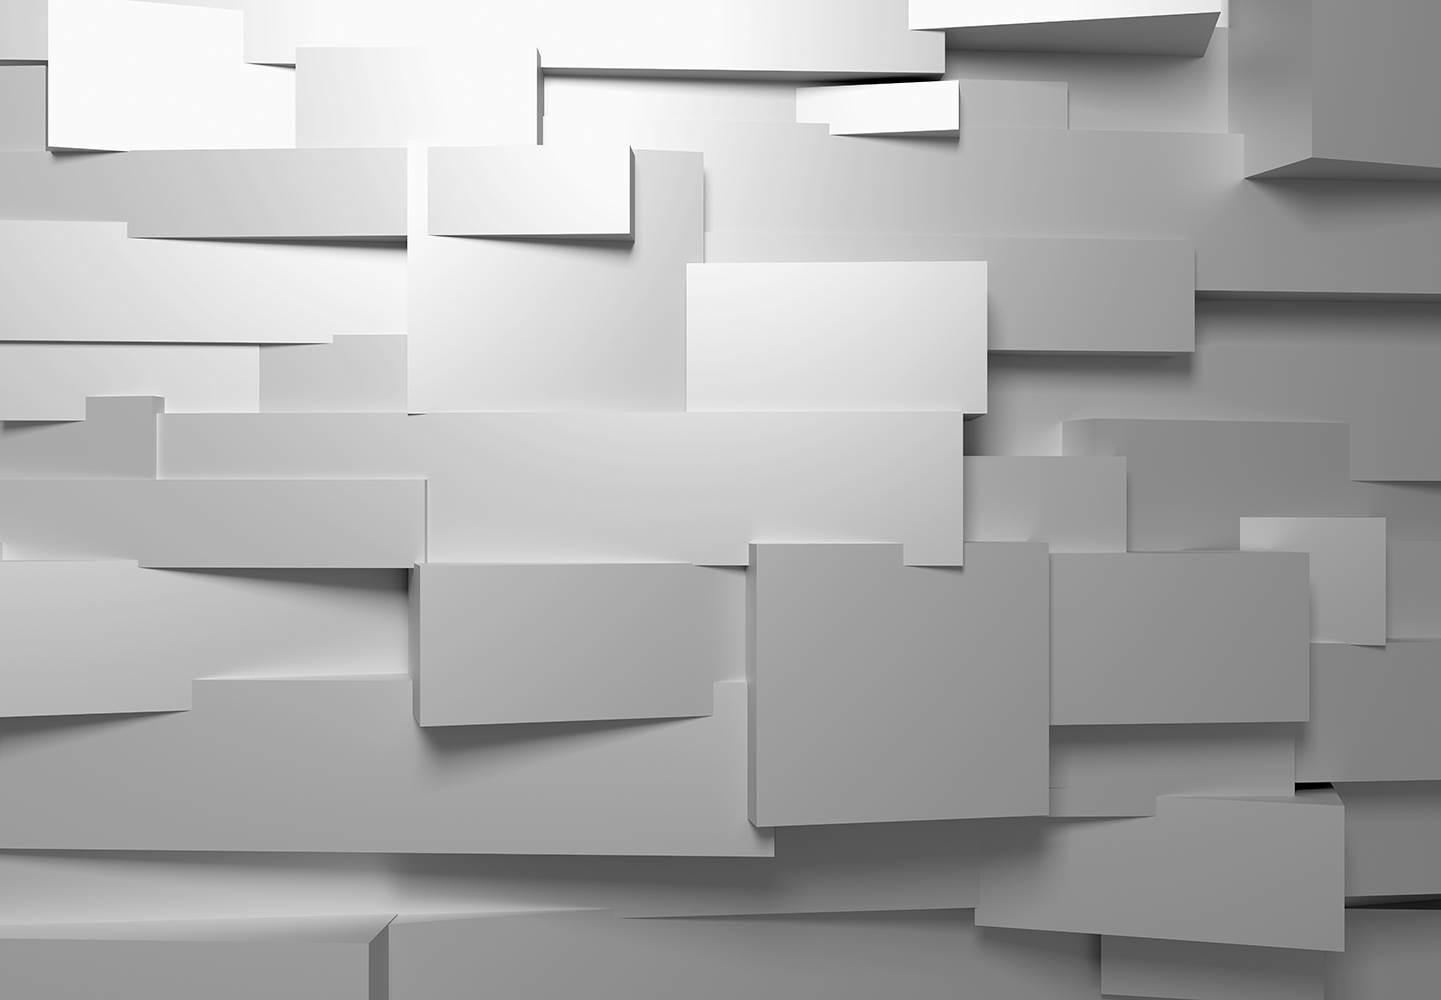 00161 Фотообои 3D-Wall 8 частей 366 x 254 см, W+G